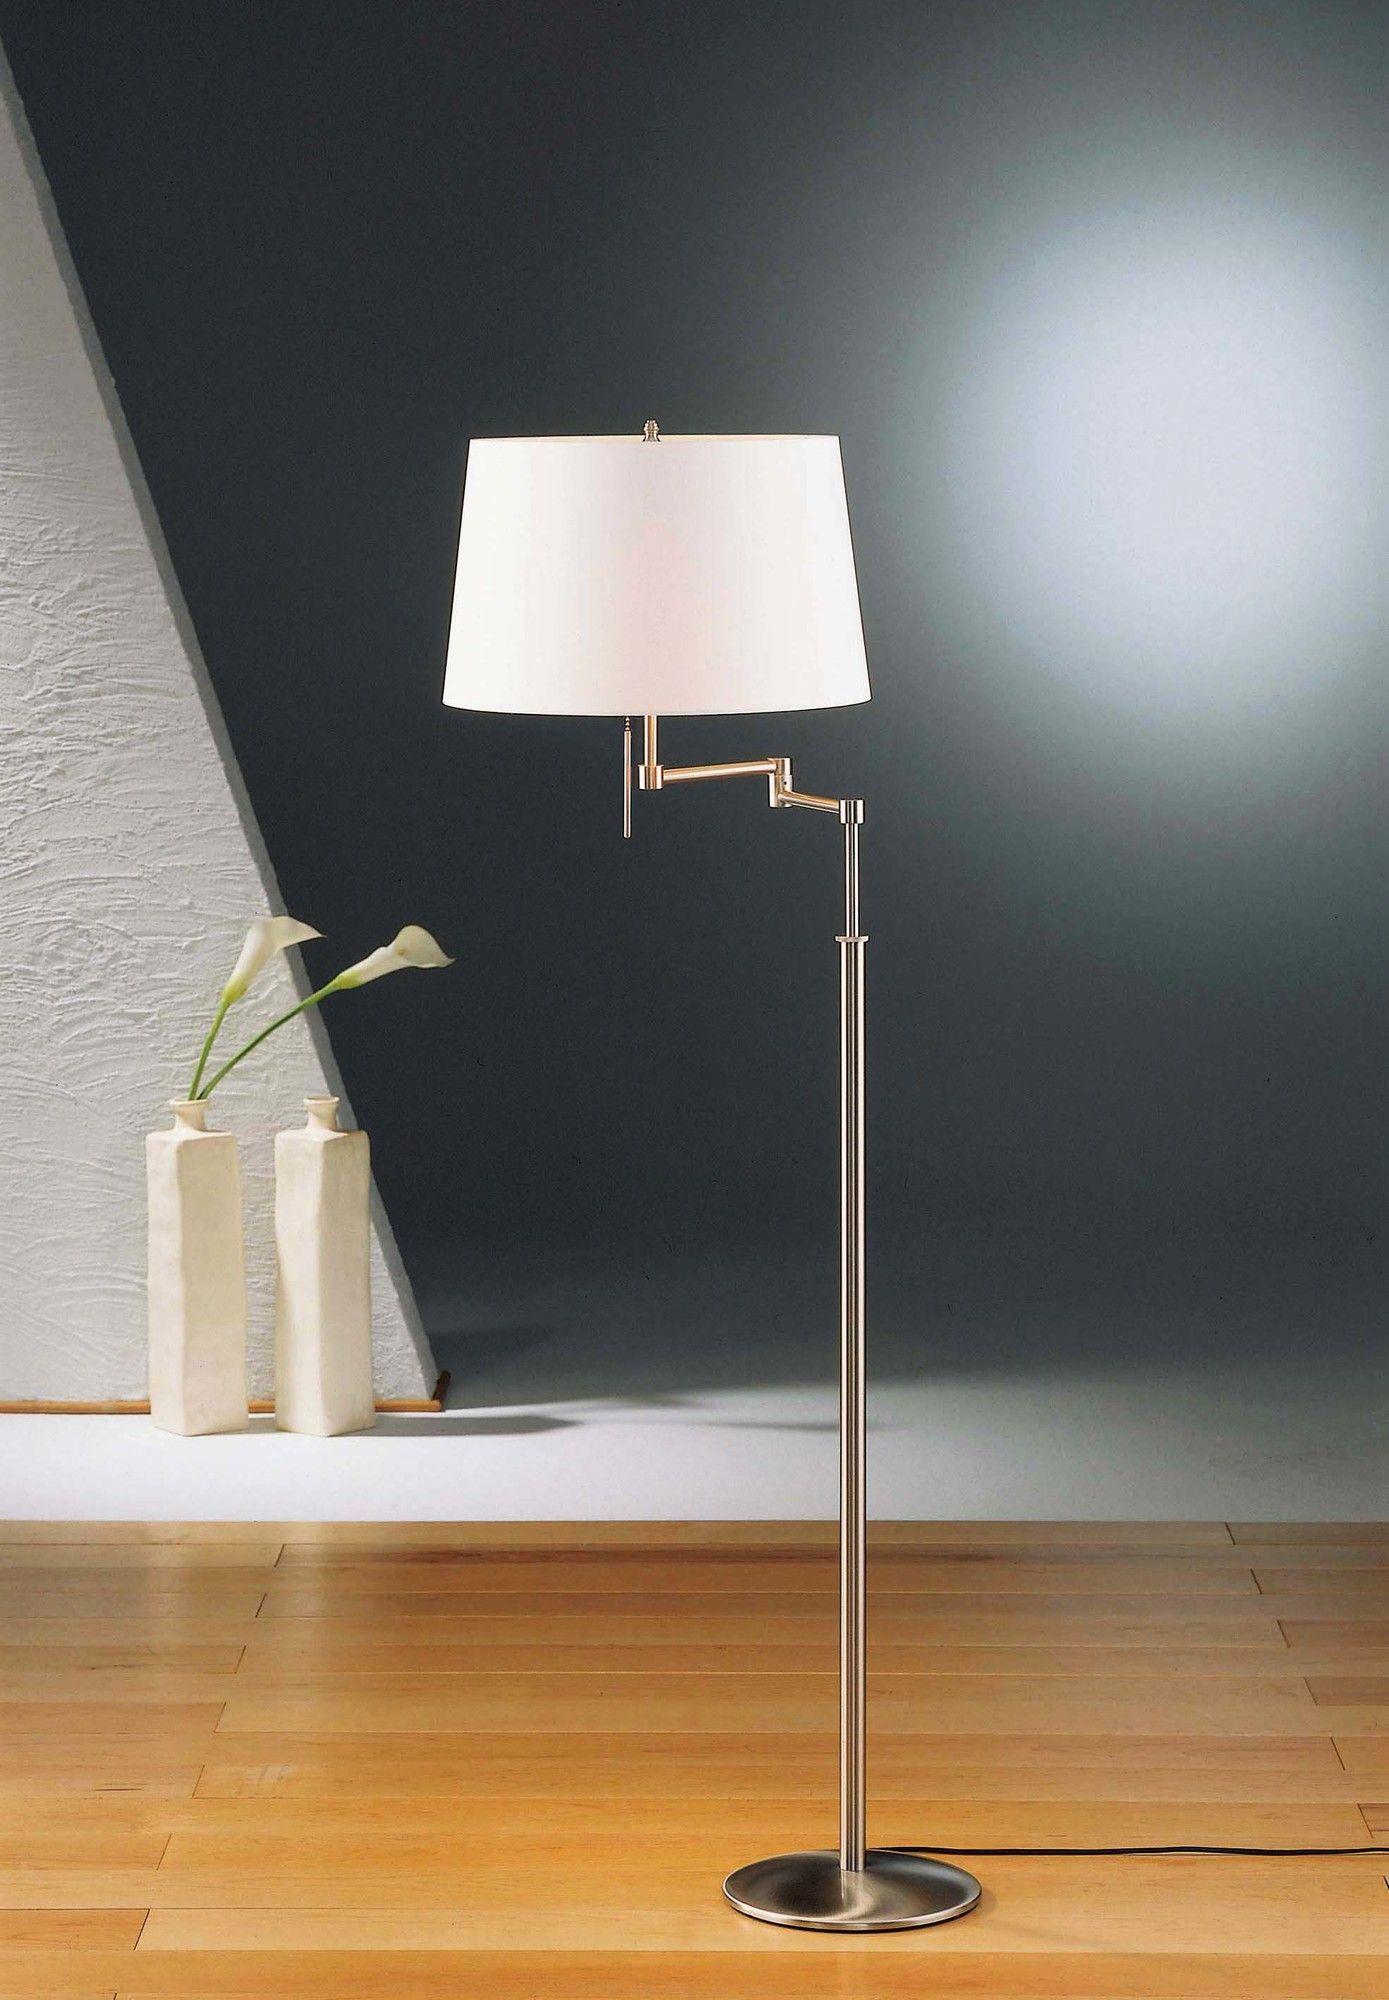 61 Swing Arm Floor Lamp Swing Arm Floor Lamp Traditional Floor Lamps Floor Lamp